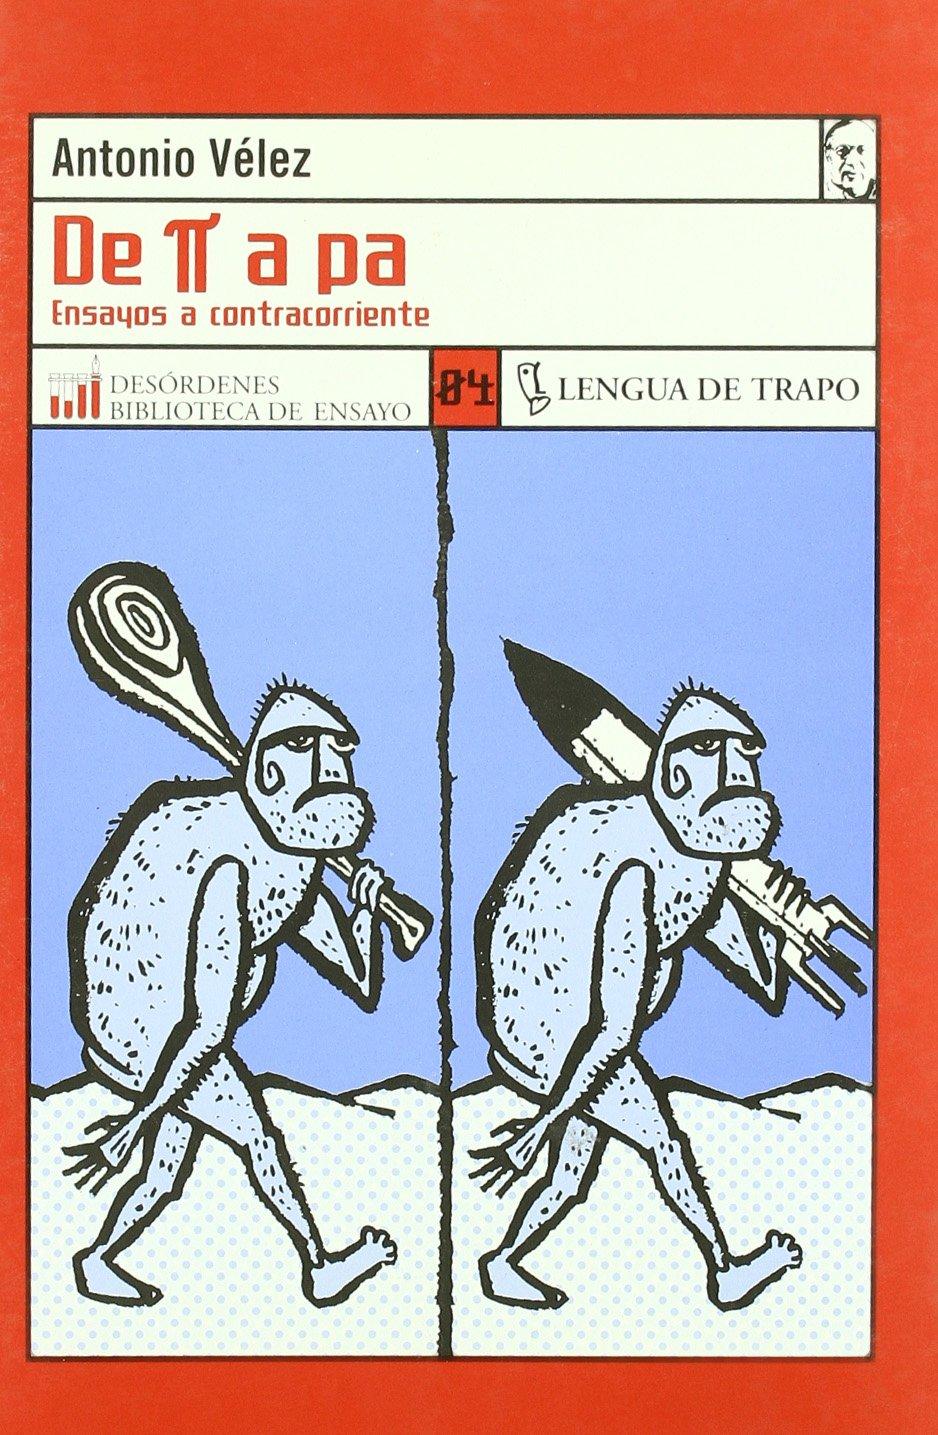 de [Pi] a Pa: Ensayos a Contracorriente (Desordenes) (Spanish Edition): Antonio Velez: 9788489618992: Amazon.com: Books